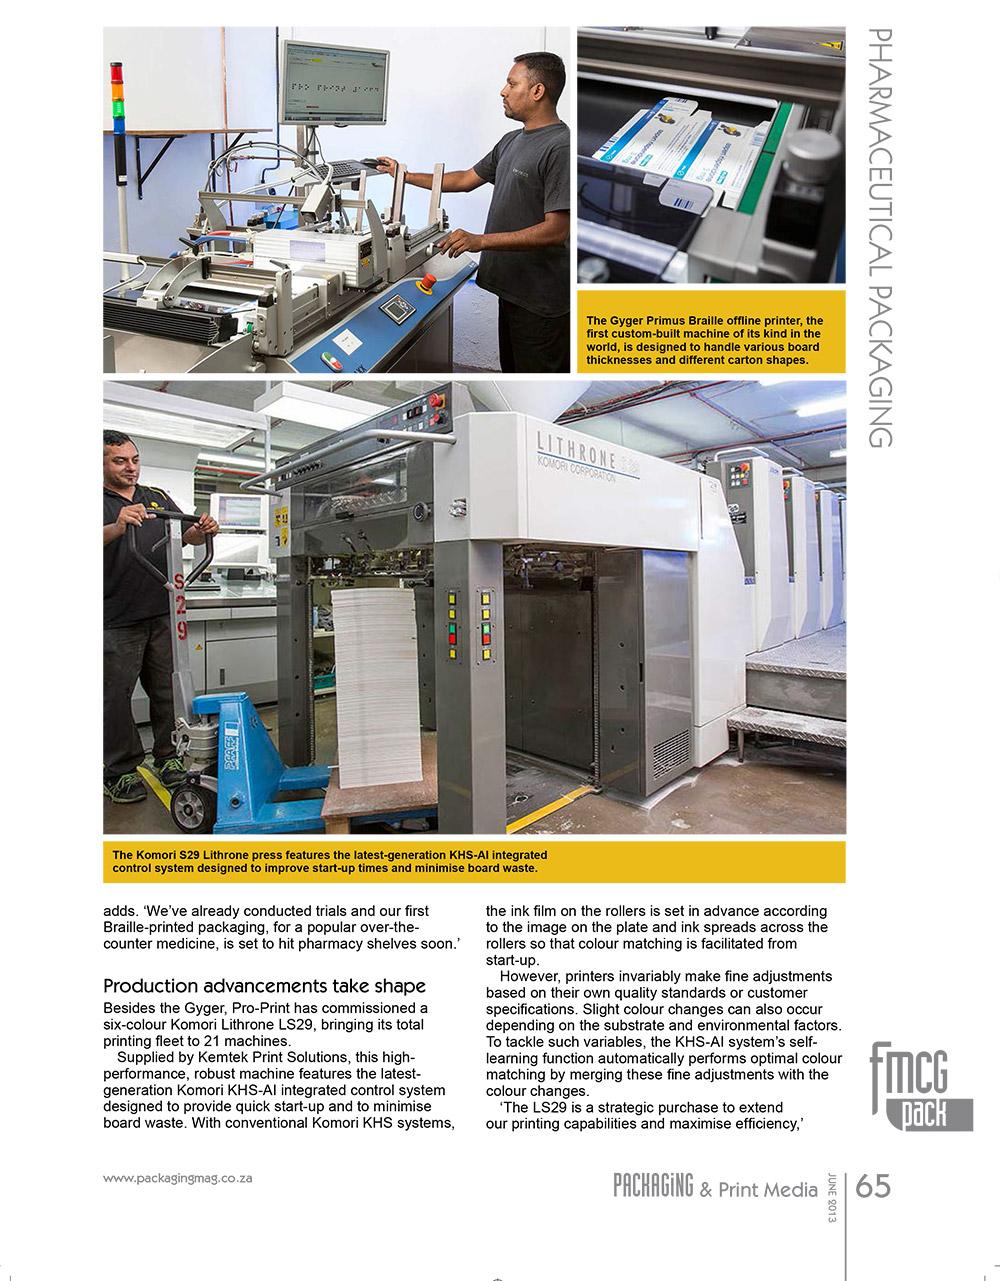 packaging-print-media-3.jpg